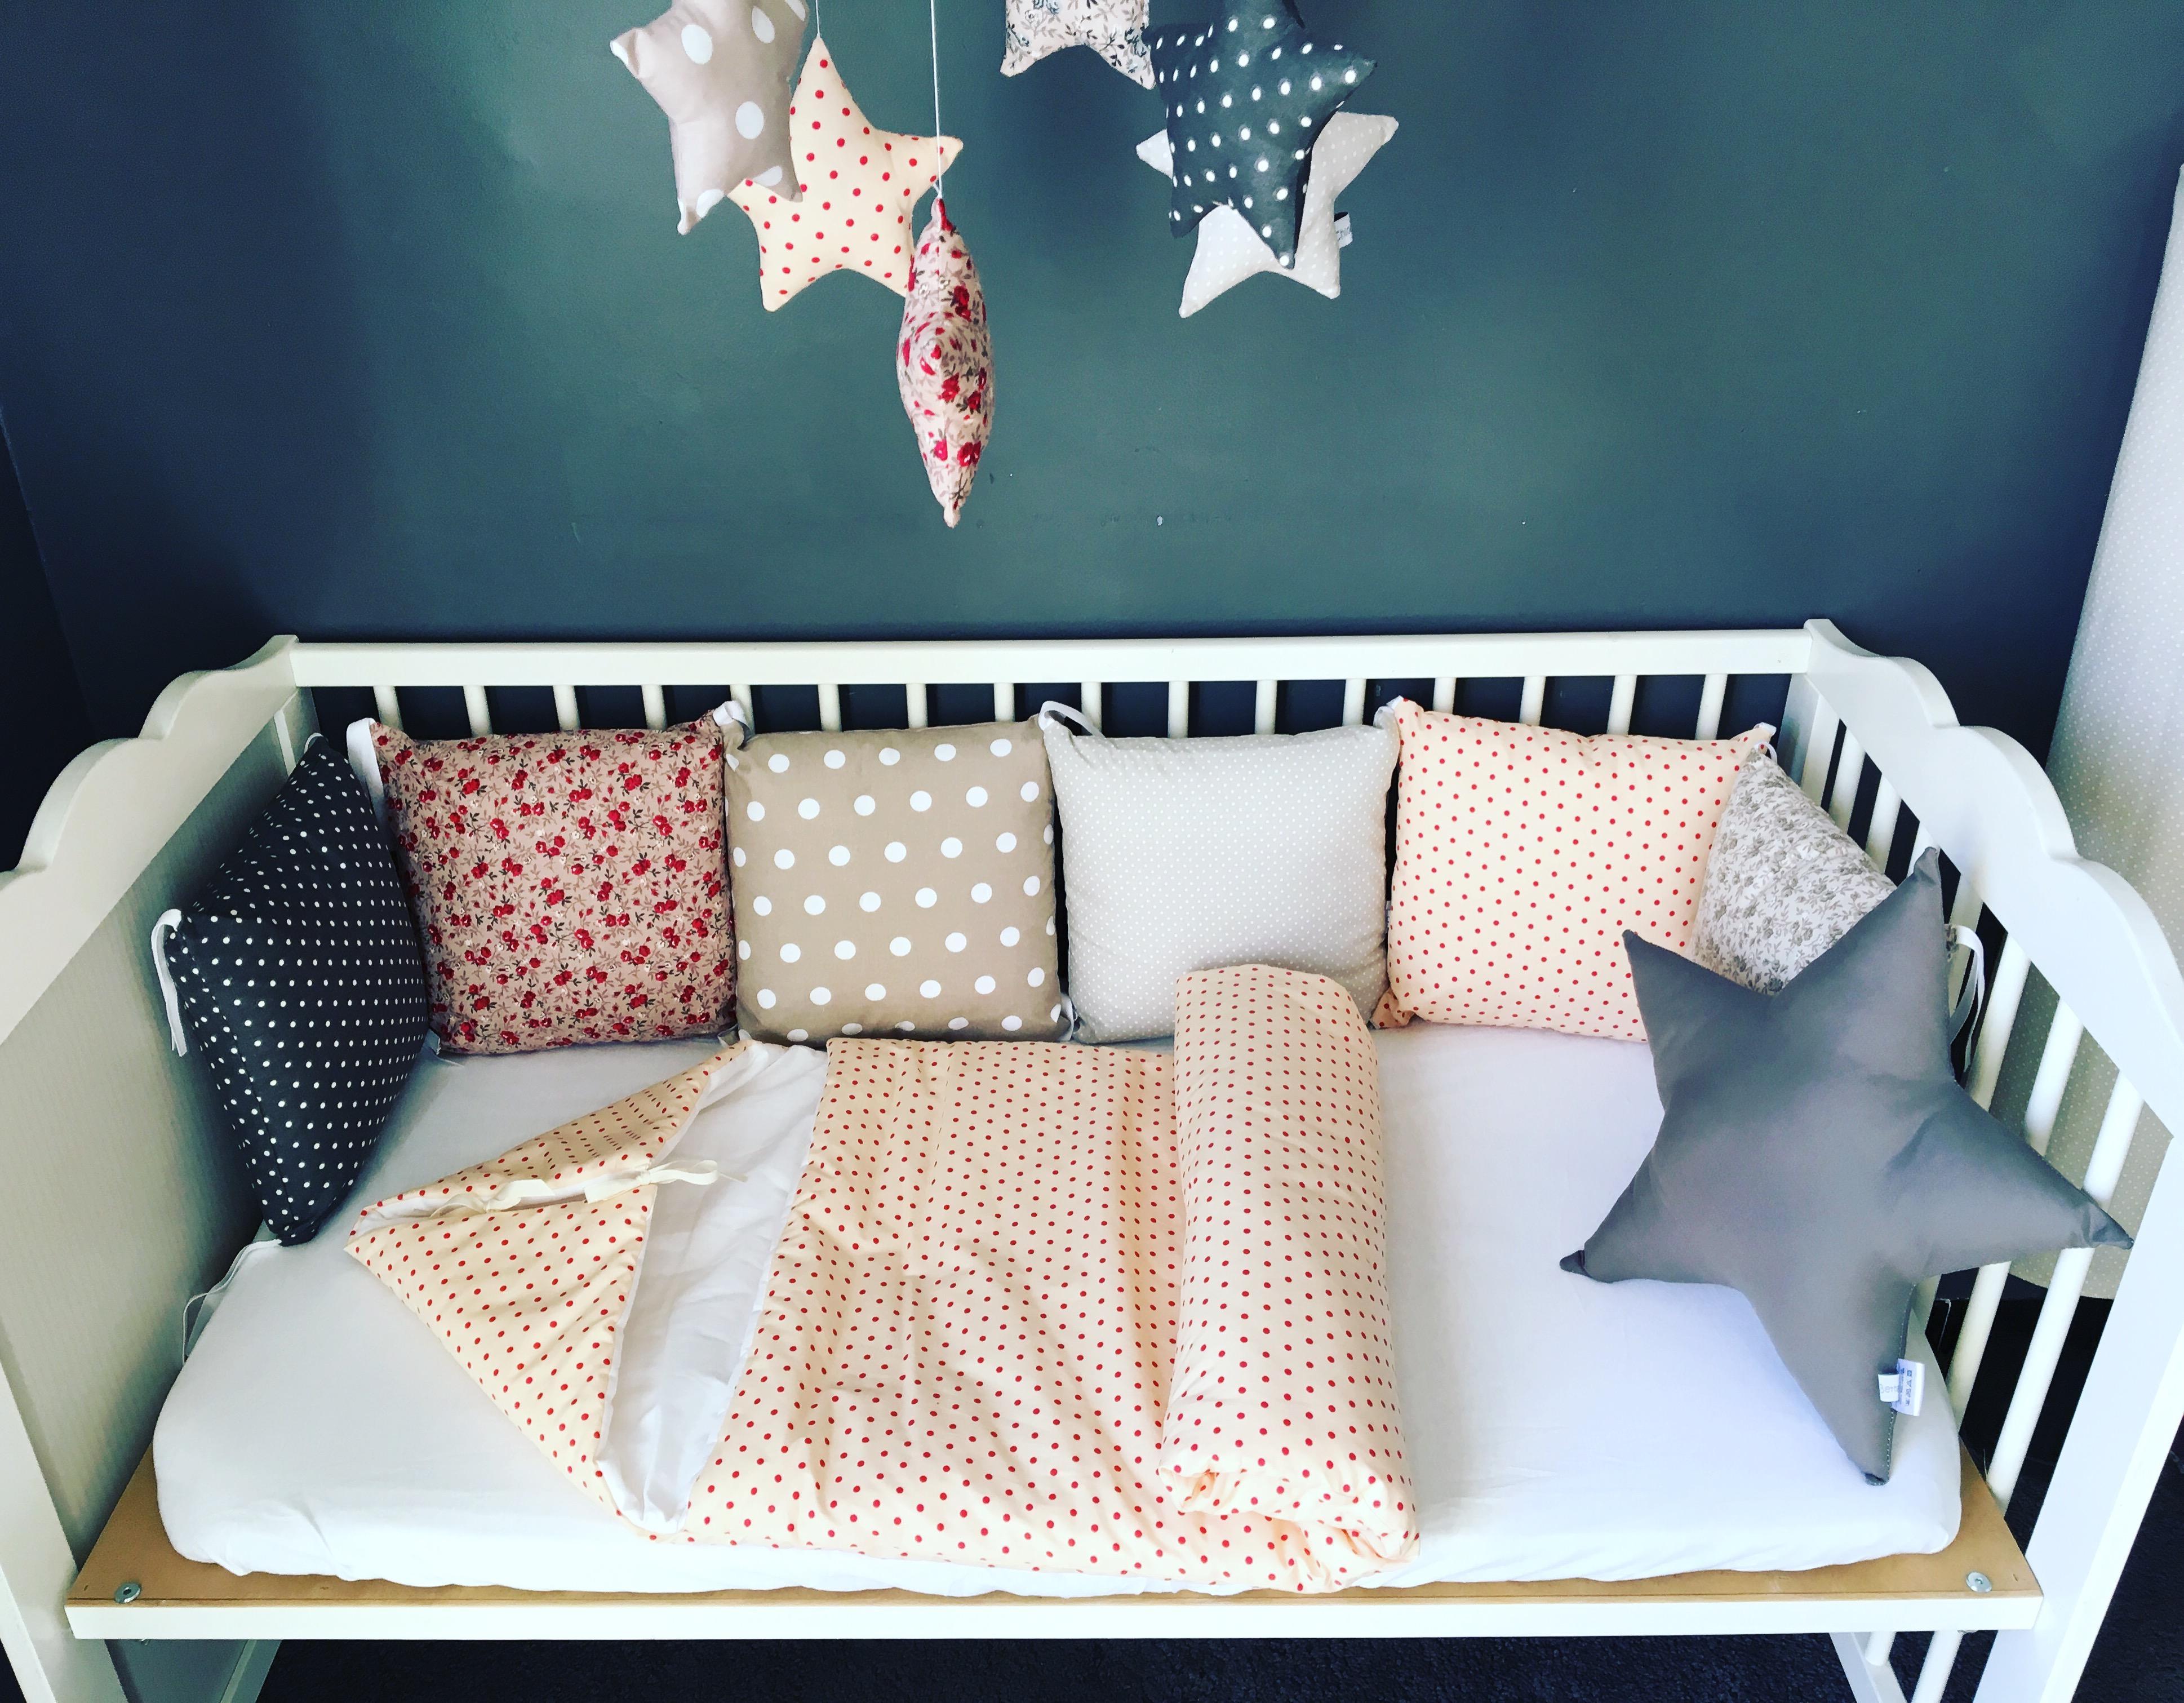 cours de couture/atelier de confection: linge de lit et décoration